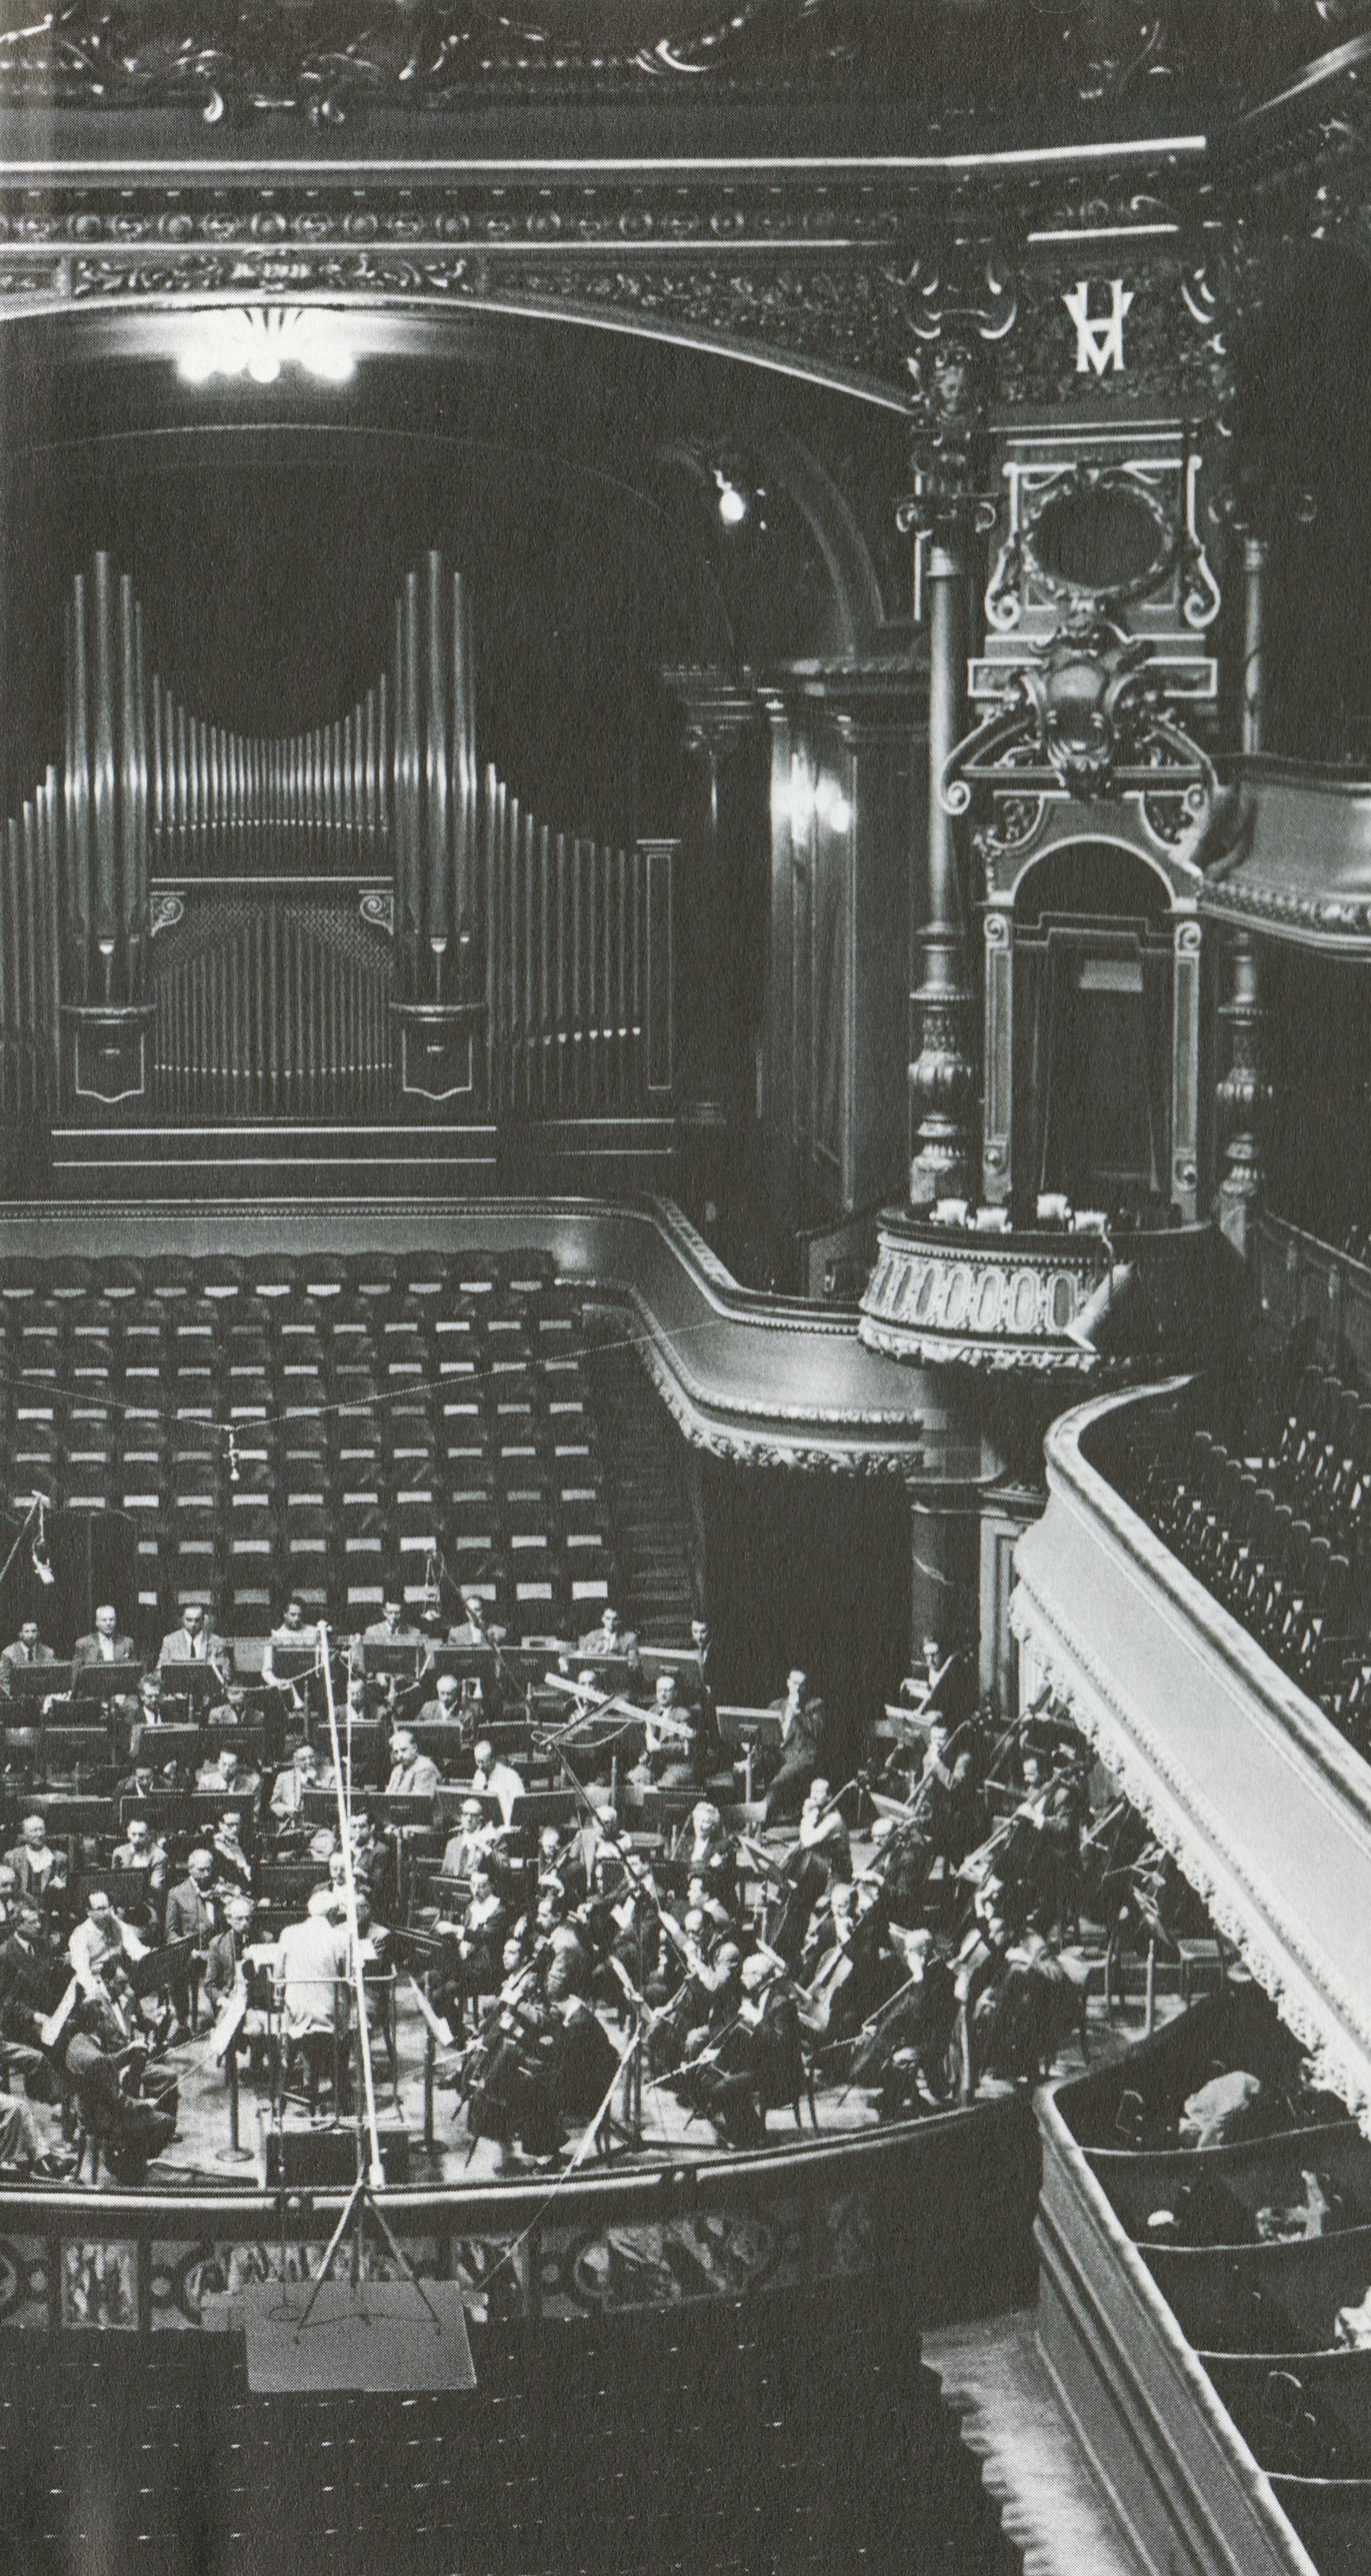 Orchestre de la Suisse Romande et Ernest Ansermet pendant une session d'enregistrement de Decca au Vicoria-Hall de Genève, Cliquer sur la photo pour une vue agrandie et les références